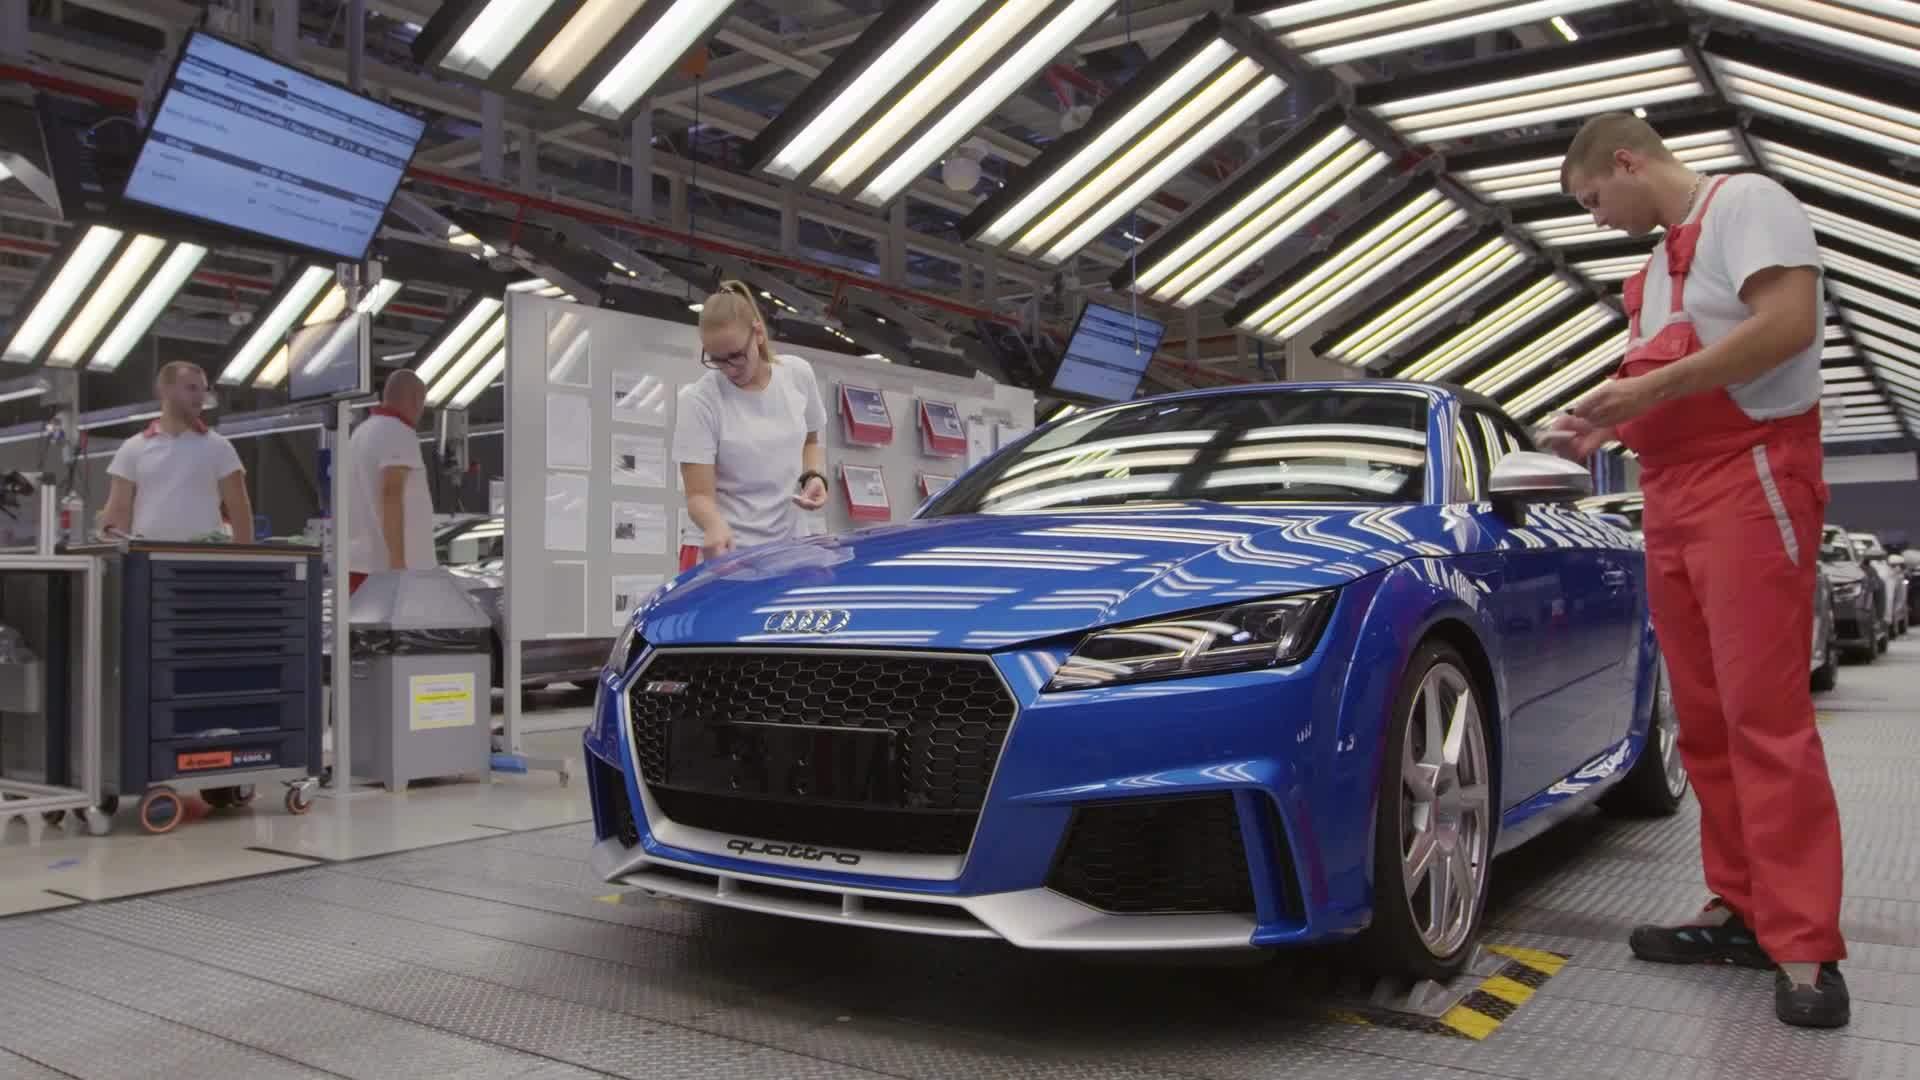 Produktion Audi TT RS am Audi Standort Györ, Ungarn